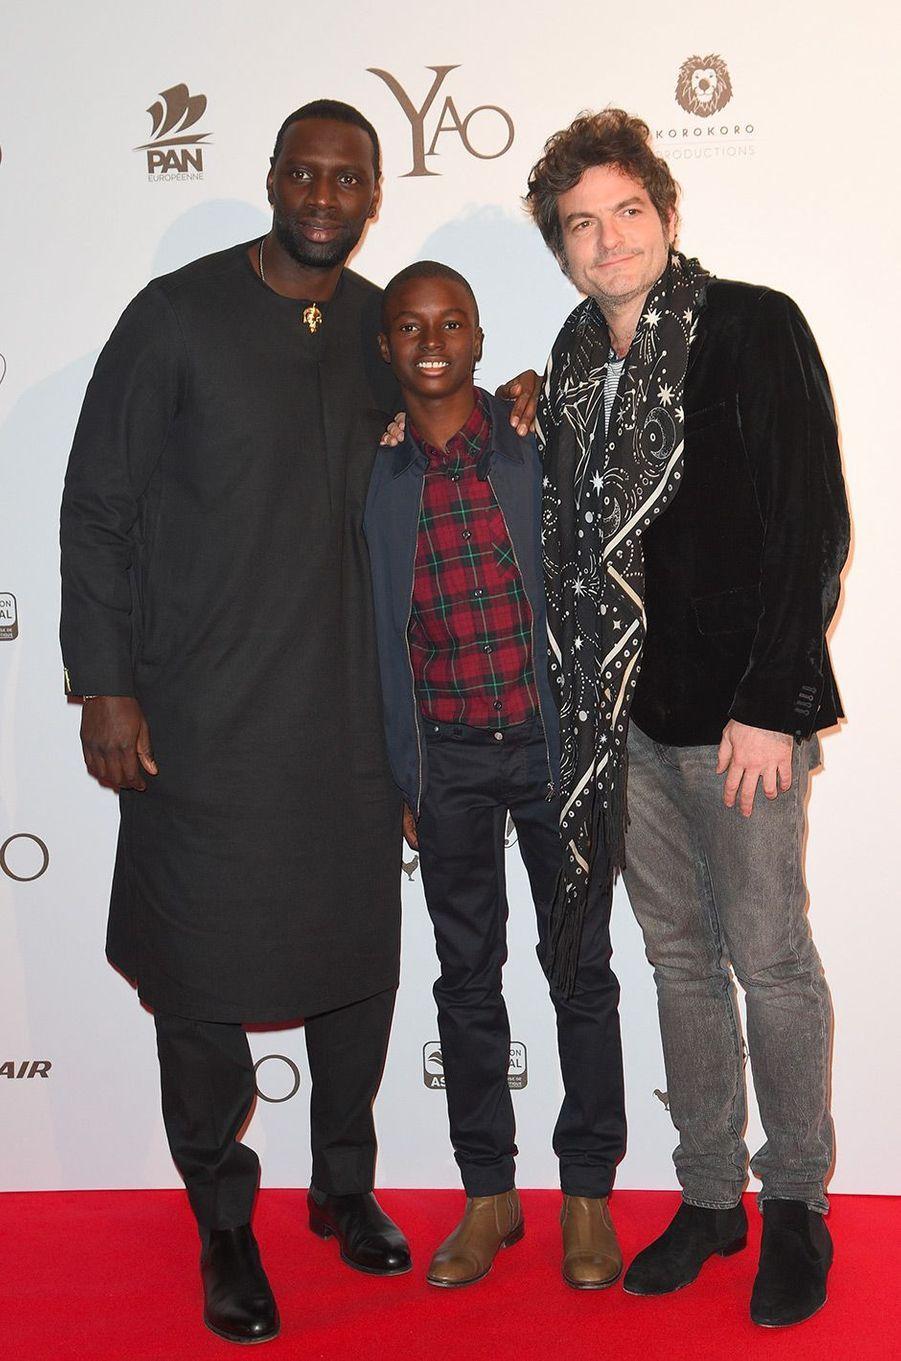 """Omar Sy avec Lionel Louis-Basse et Matthieu Chedid à l'avant-première de """"Yao"""" à Paris, mardi 15 janvier"""